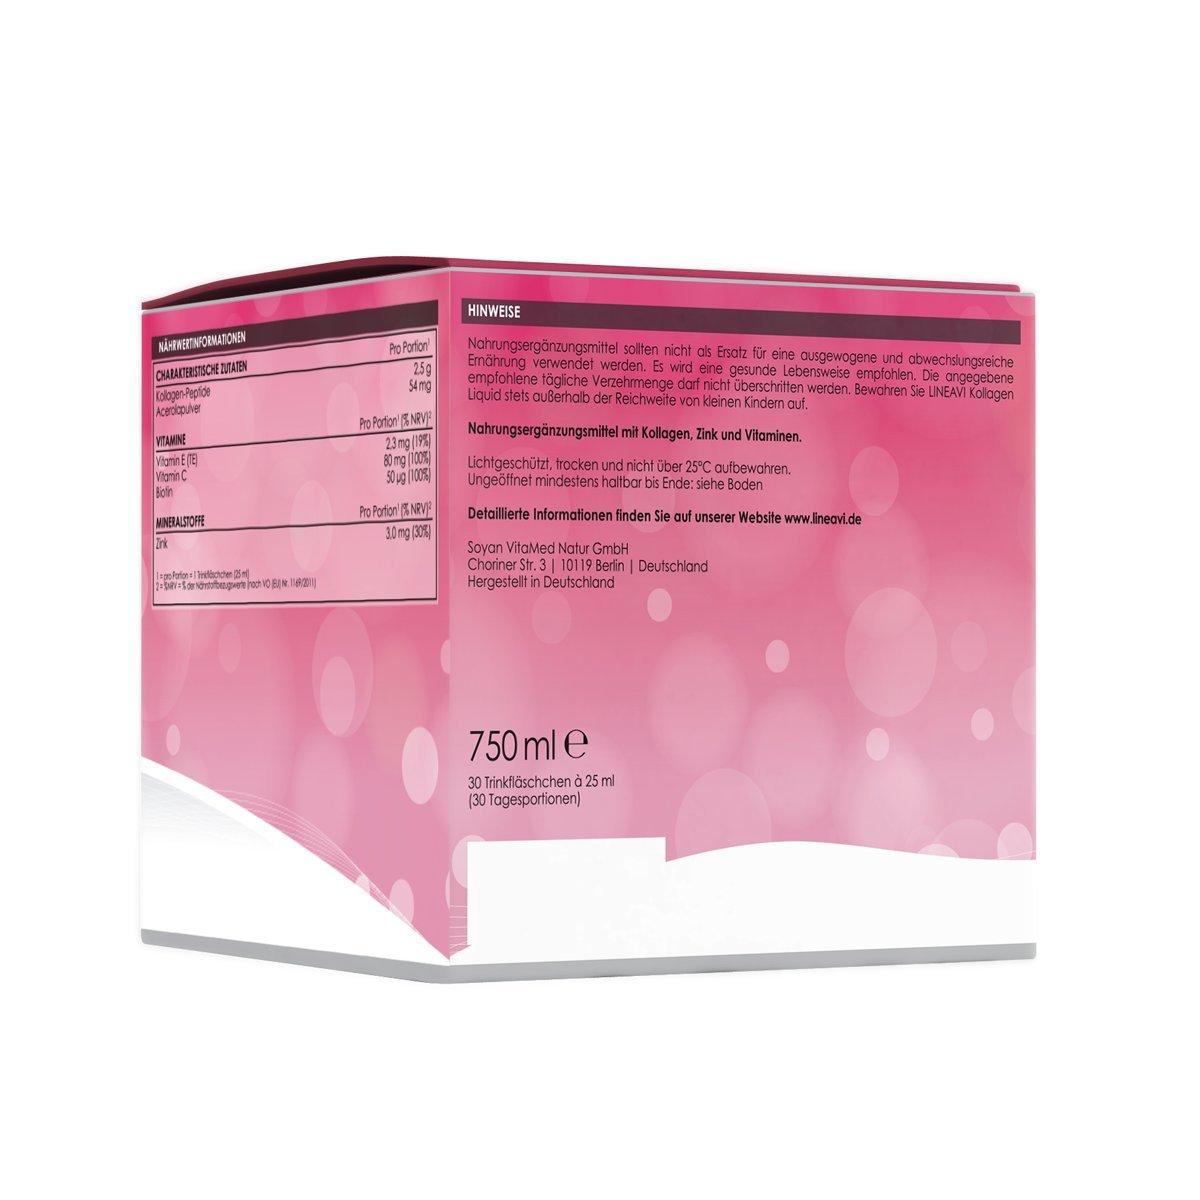 Colágeno líquido LINEAVI | Colágeno para beber | con péptidos de colágeno, acerola, zinc, vitamina C, vitamina E, biotina | mejora la piel, el cabello y las ...